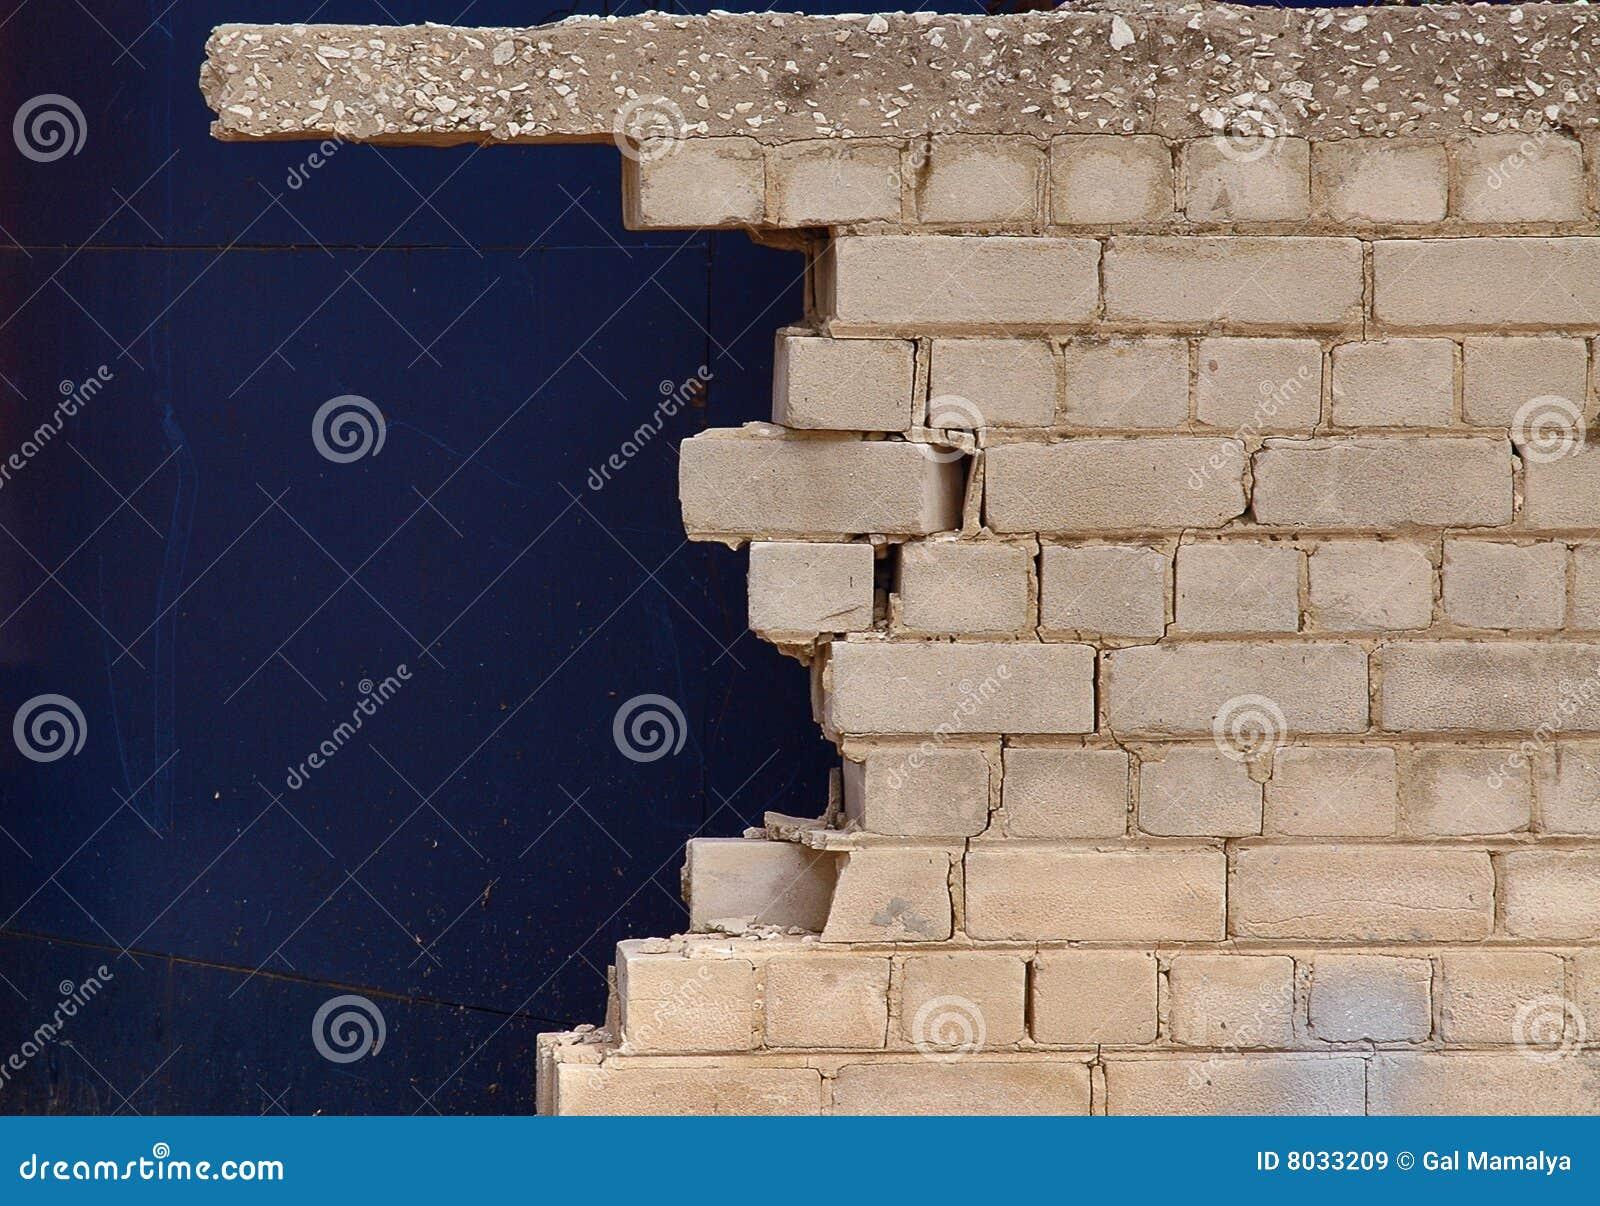 Broken brick wall close up stock image. Image of damage - 8033209